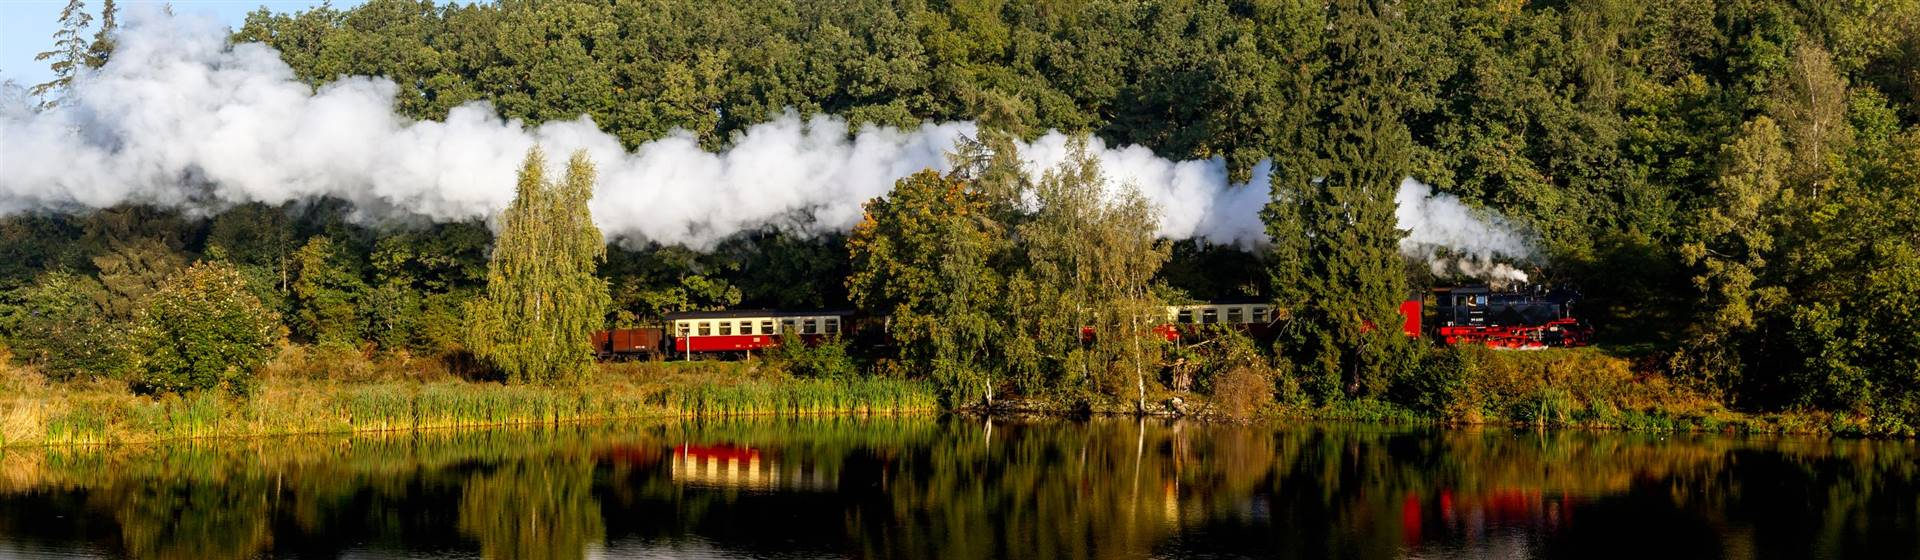 """<img src=""""selketalbahn-shutterstock.jpeg"""" alt=""""Selketalbahn Autumn""""/>"""